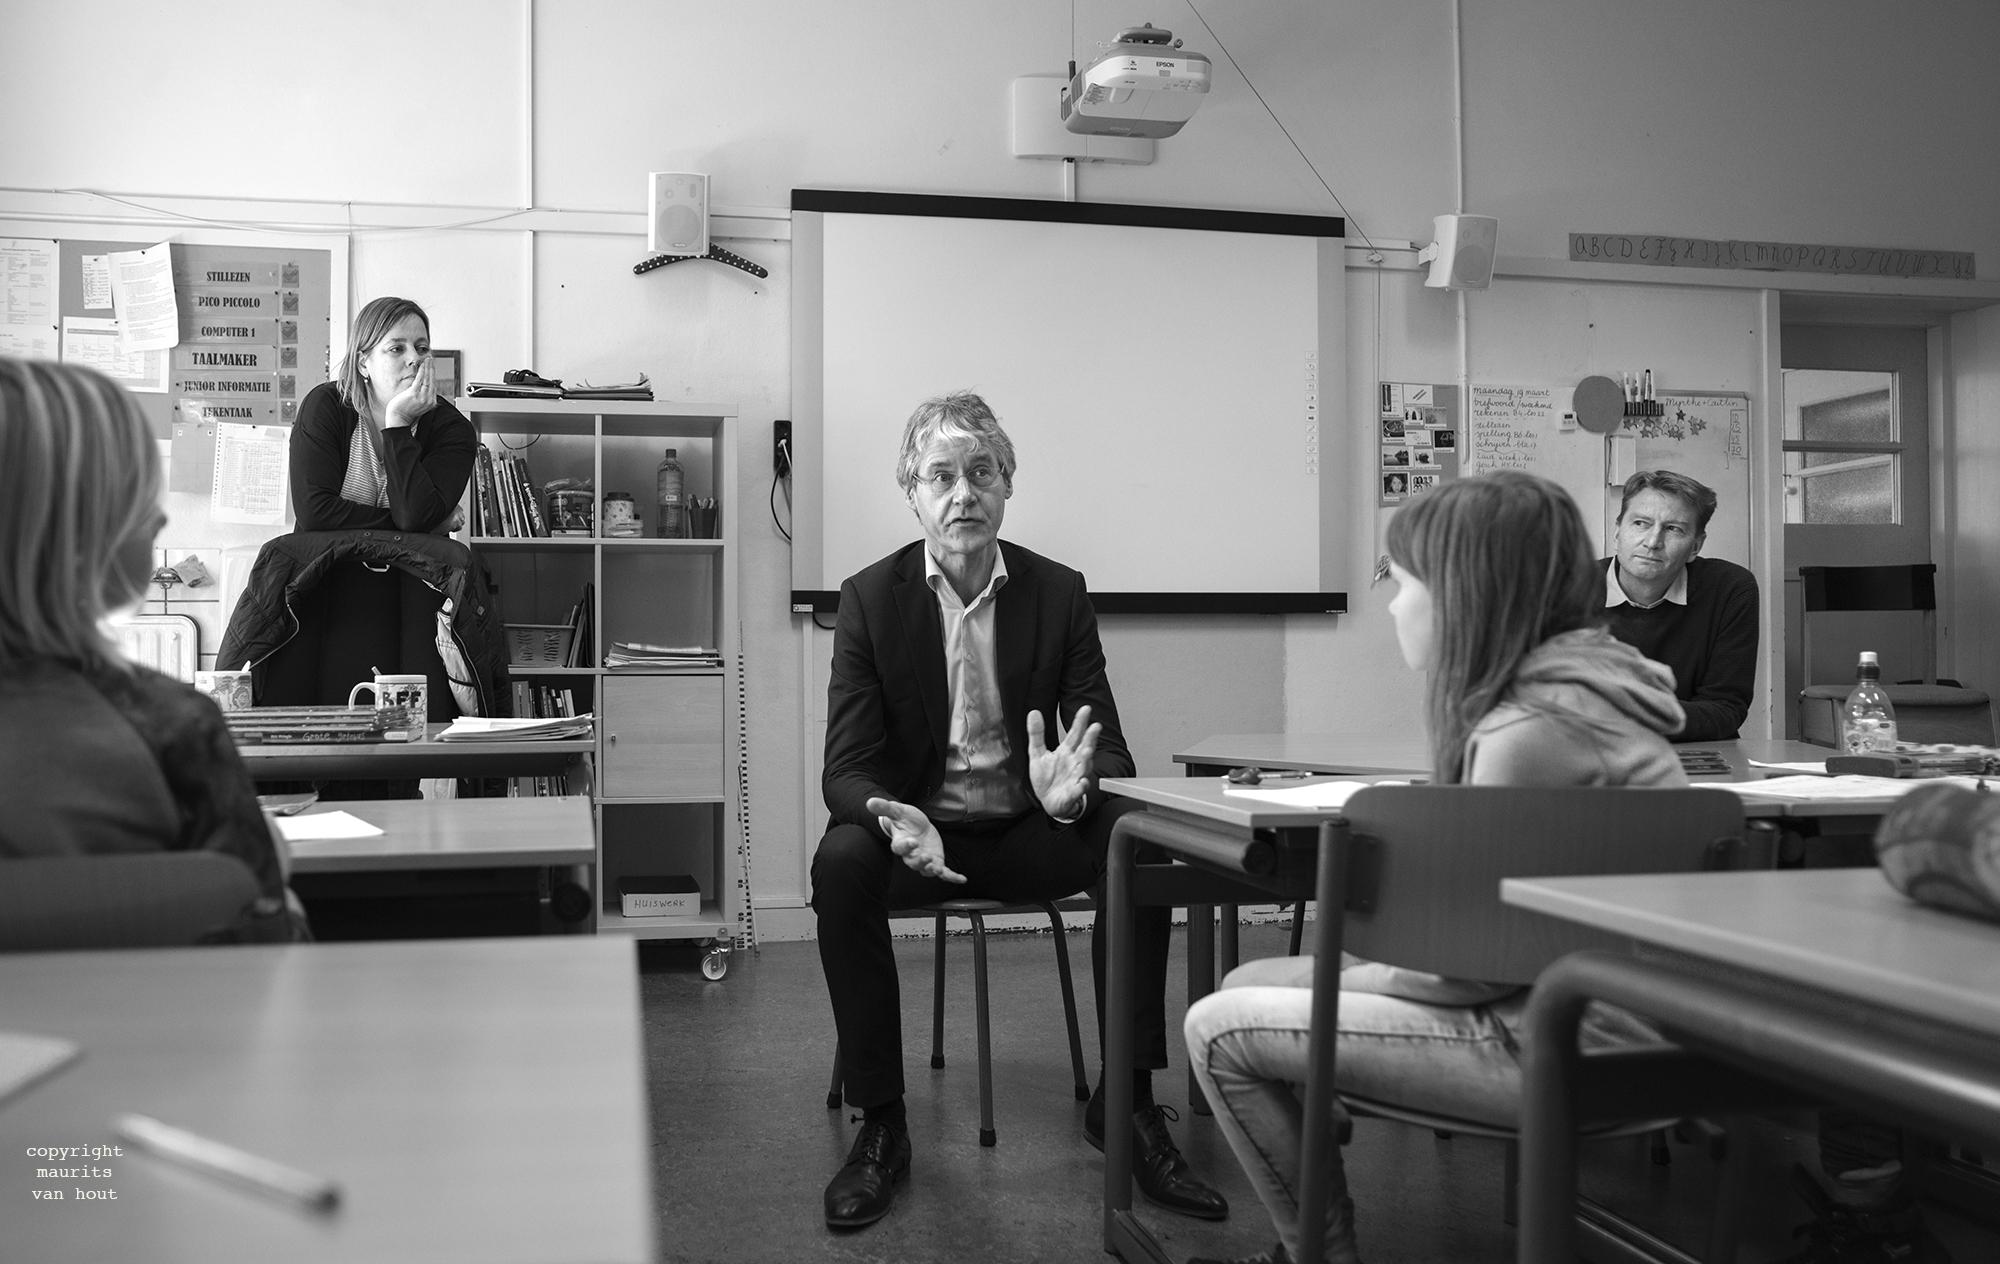 Voorbeeld van nieuwsfotografie in opdracht door fotograaf Maurits van Hout uit Den Haag (Rijswijk)